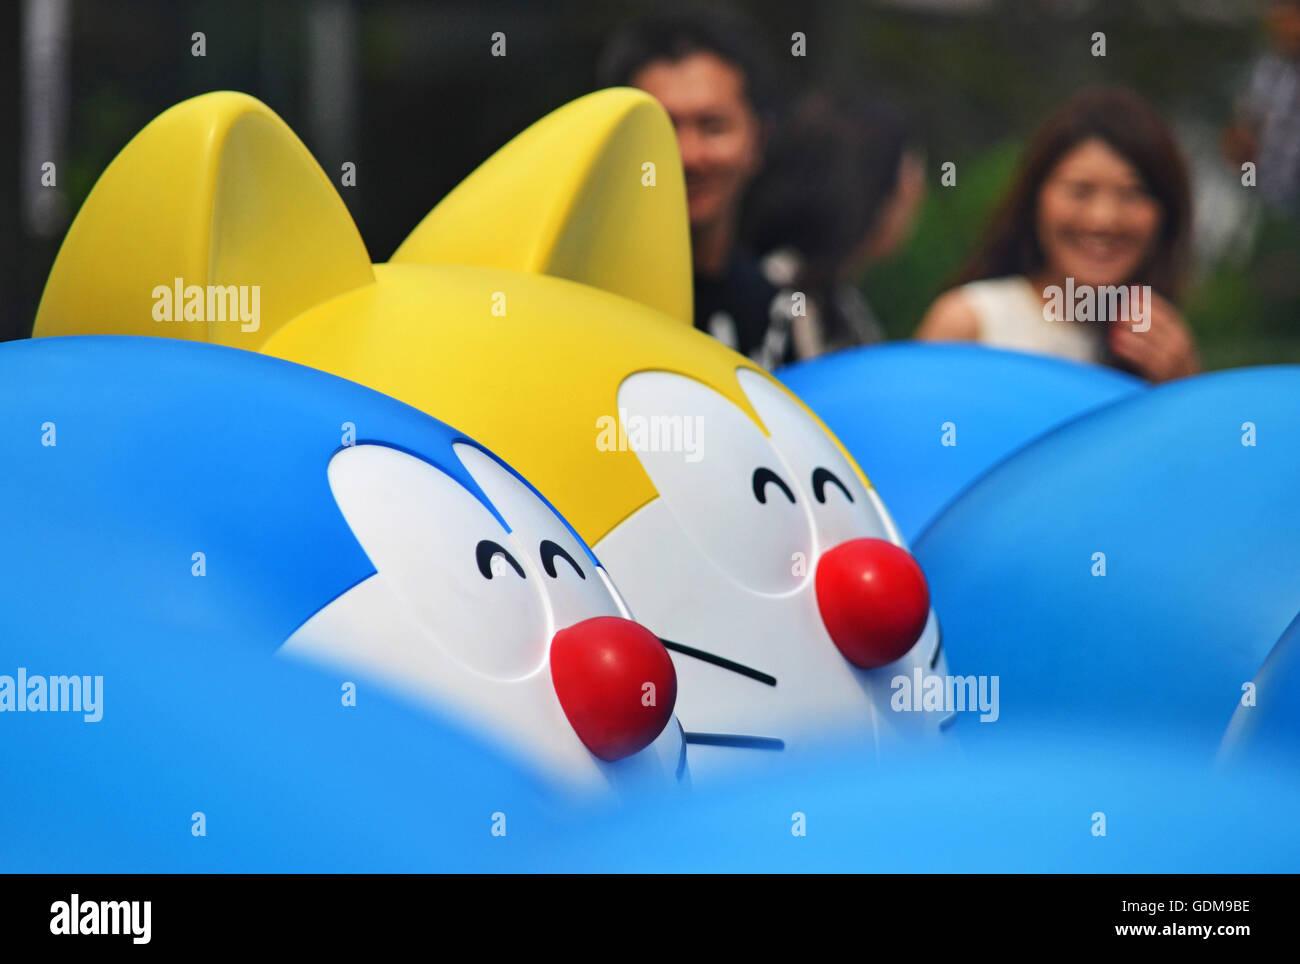 Menschen Vorbei In Der Nahe Von Figuren Anime Manga Charakter Doraemon Angezeigt Auf Tokios Roppongi Hills Shopping Center Tokio 14 Juli 2016